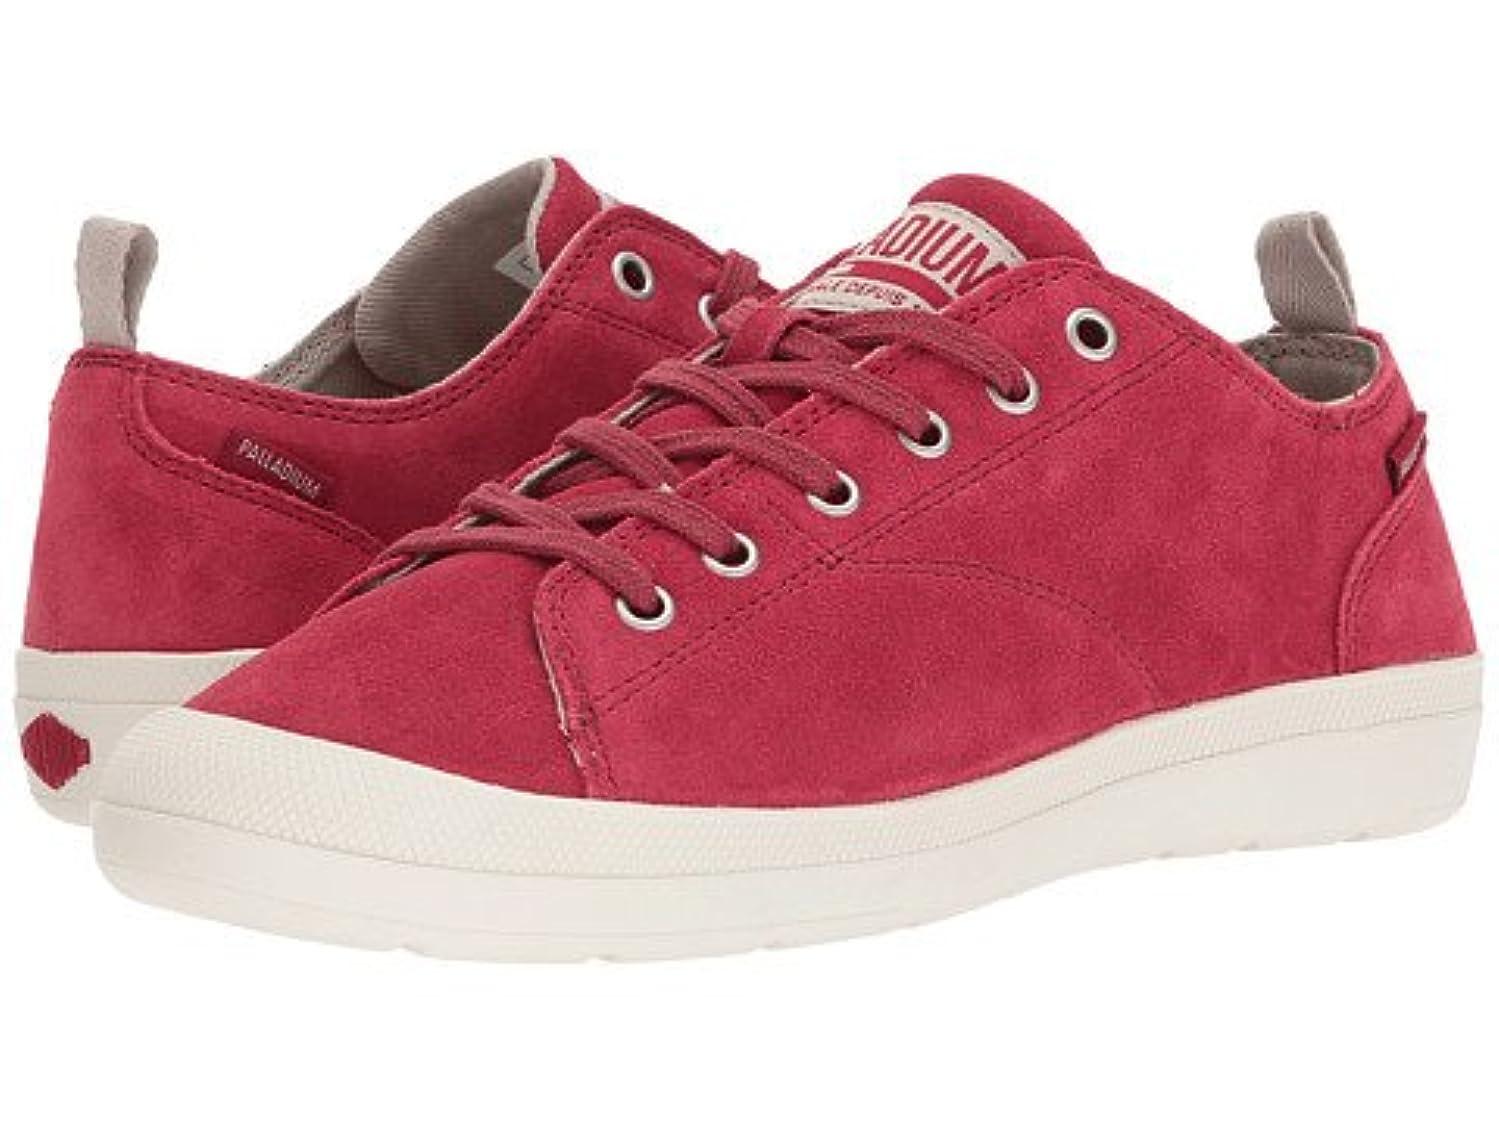 時間竜巻適用済み(パラジウム) Palladium レディースブーツ?靴 Wander Lace Sue Rio Red 7 n/a M [並行輸入品]